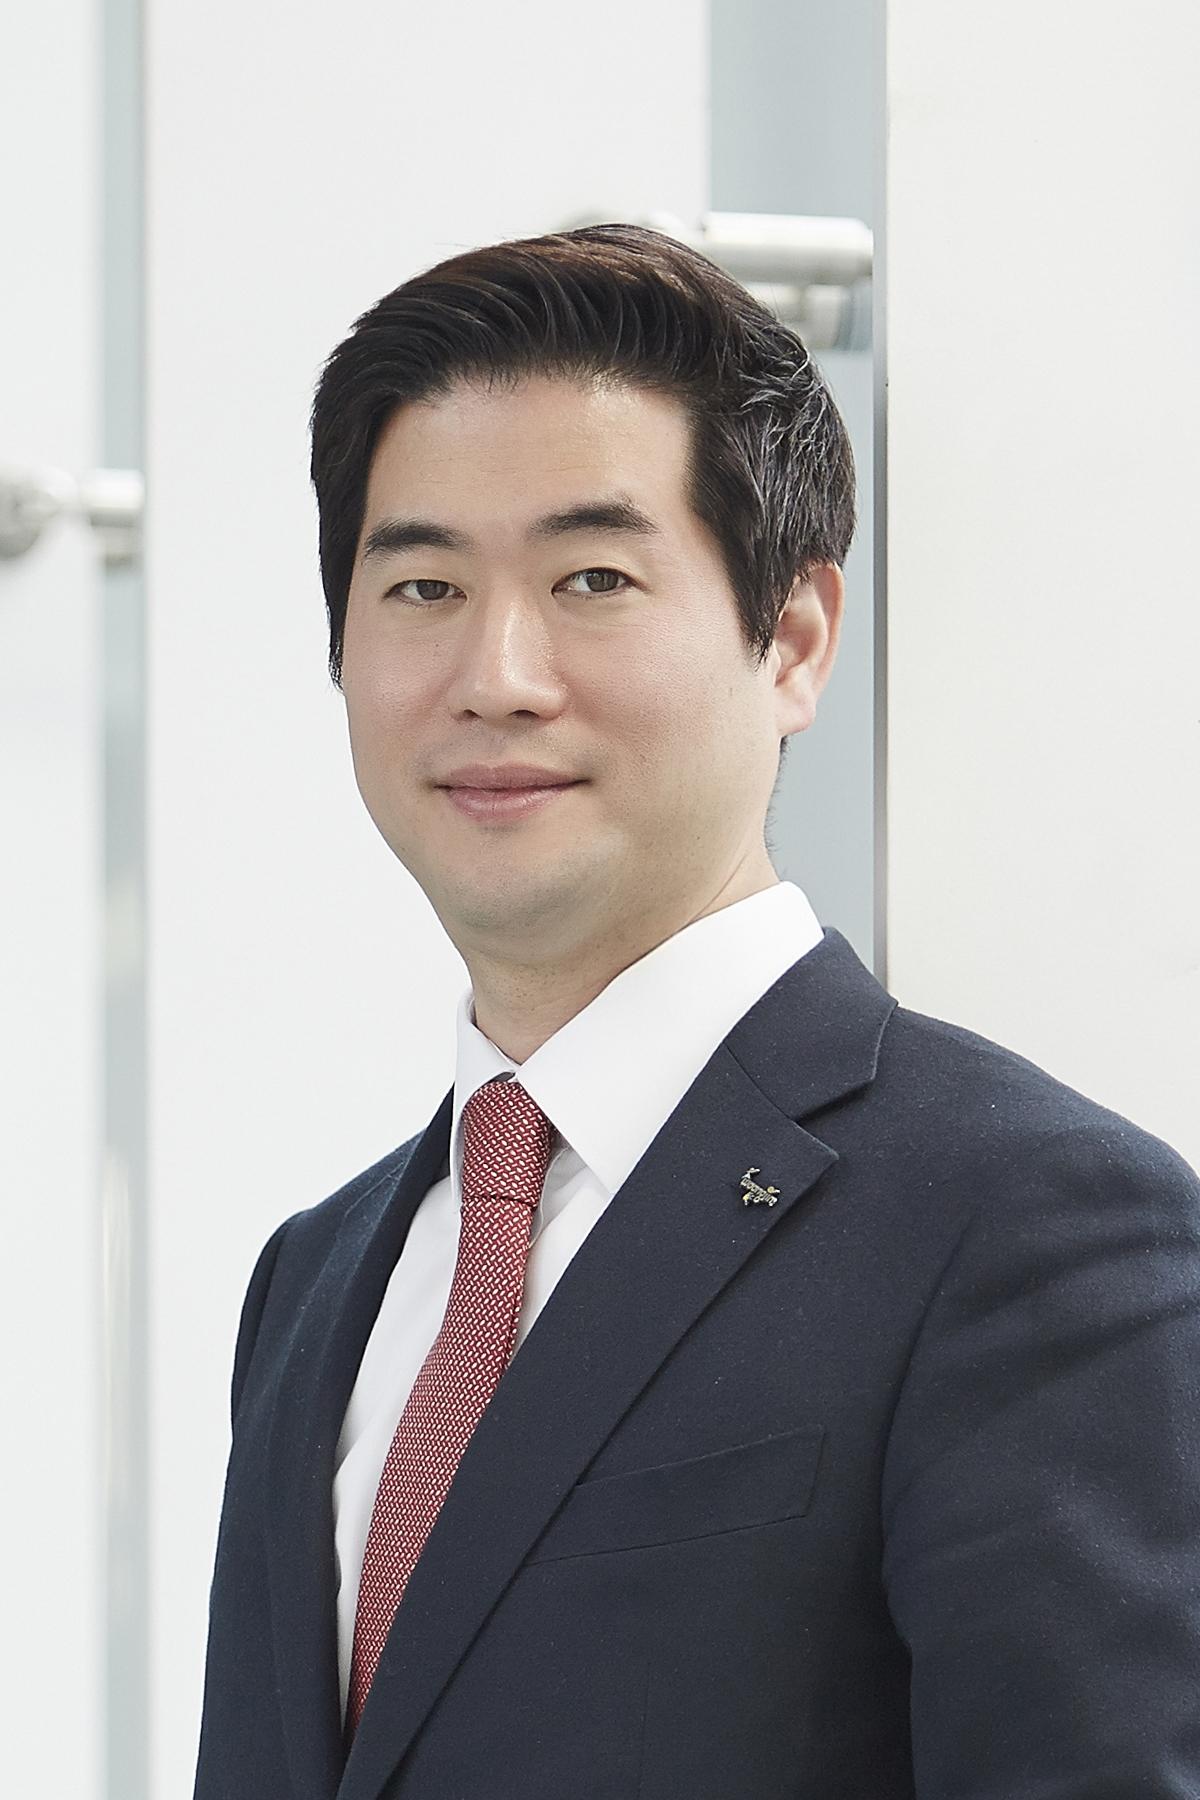 [사진] 윤새봄 놀이의 발견 초대 대표이사. 웅진그룹 제공